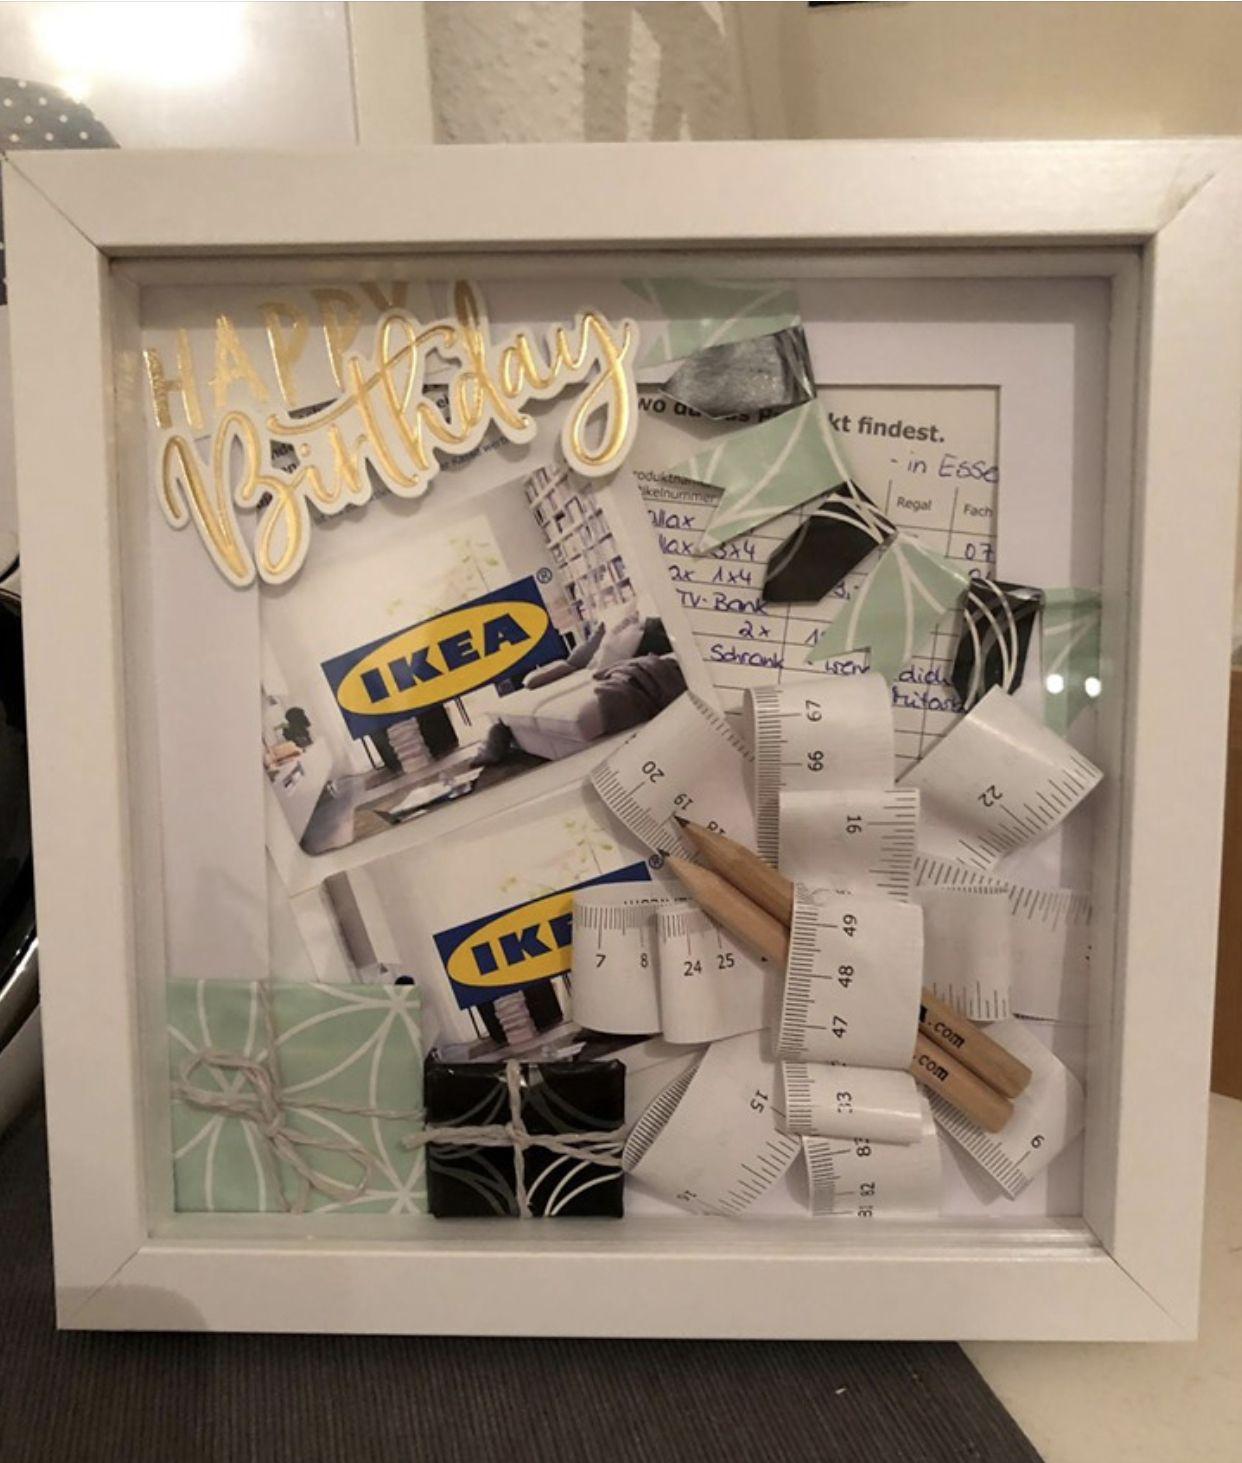 Ikea Gutschein Geschenke Gutschein Geschenke Geburtstag Geschenke Selber Machen